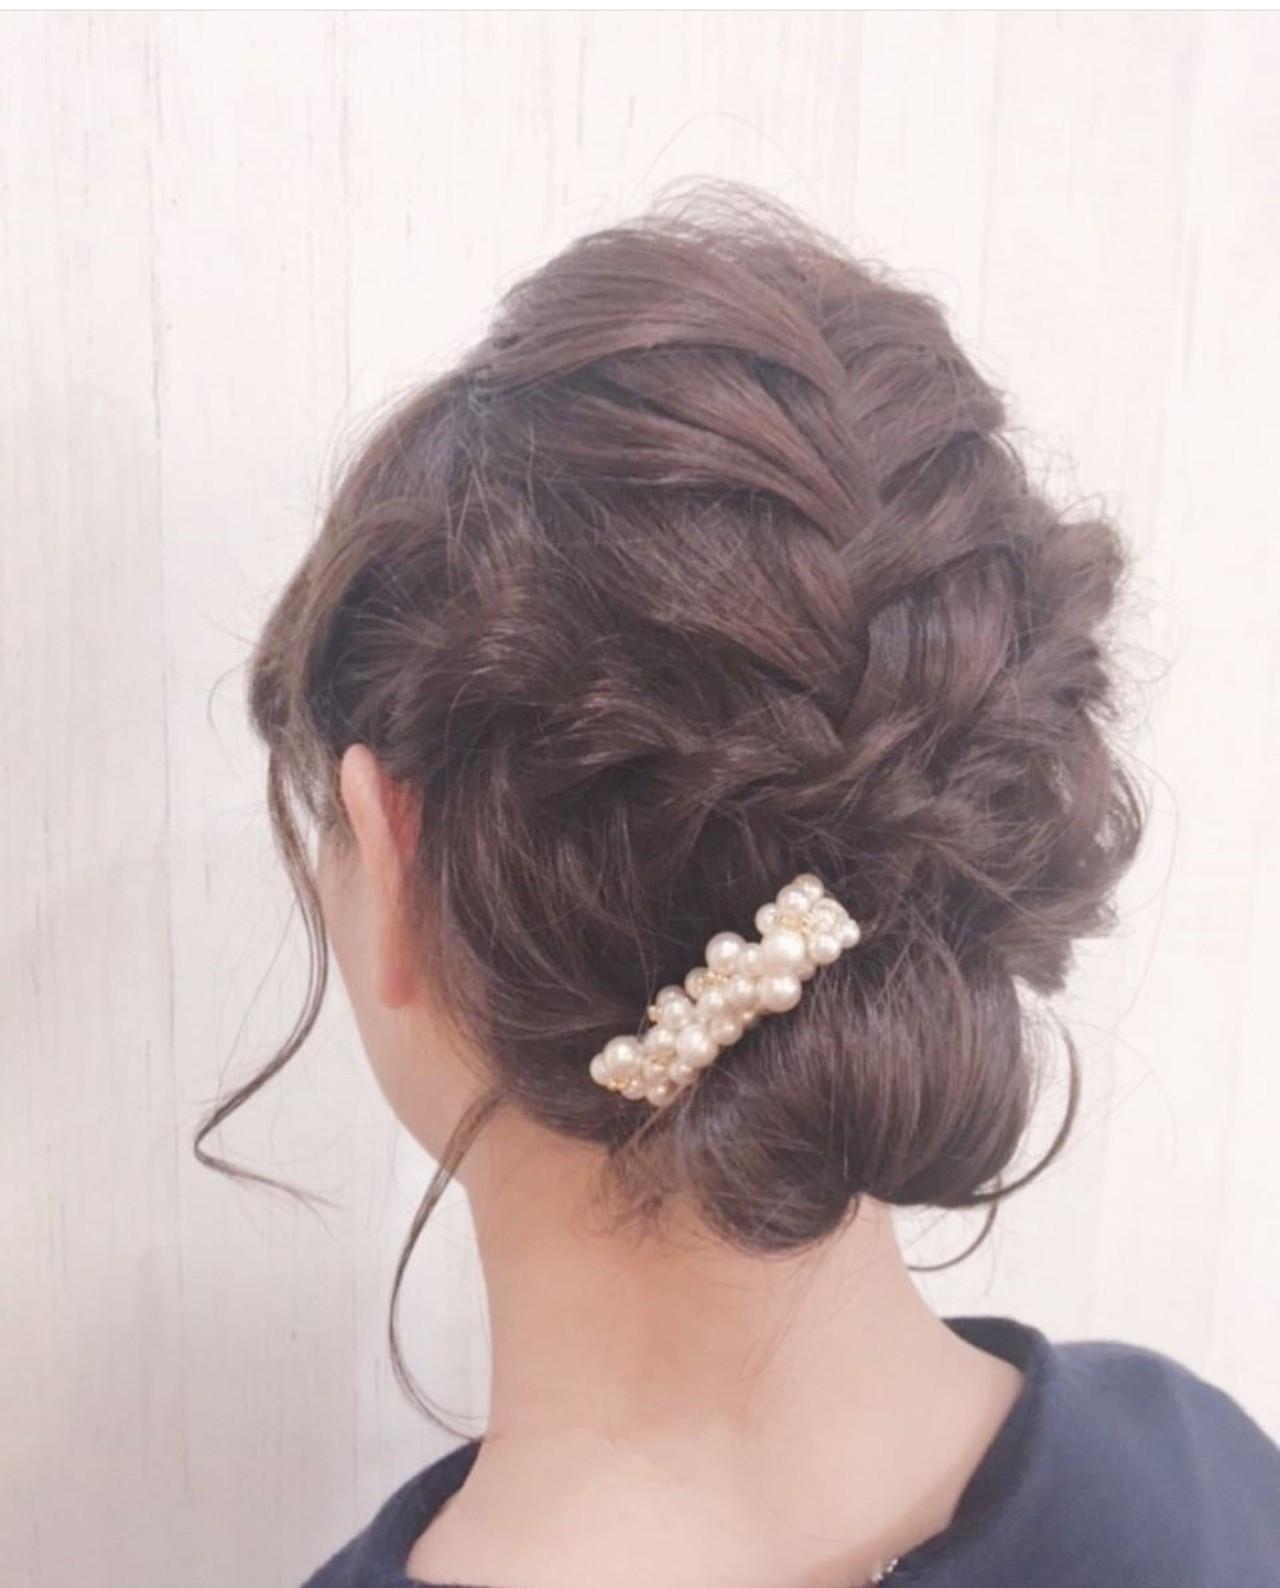 フェミニン 結婚式ヘアアレンジ 簡単ヘアアレンジ ミディアム ヘアスタイルや髪型の写真・画像